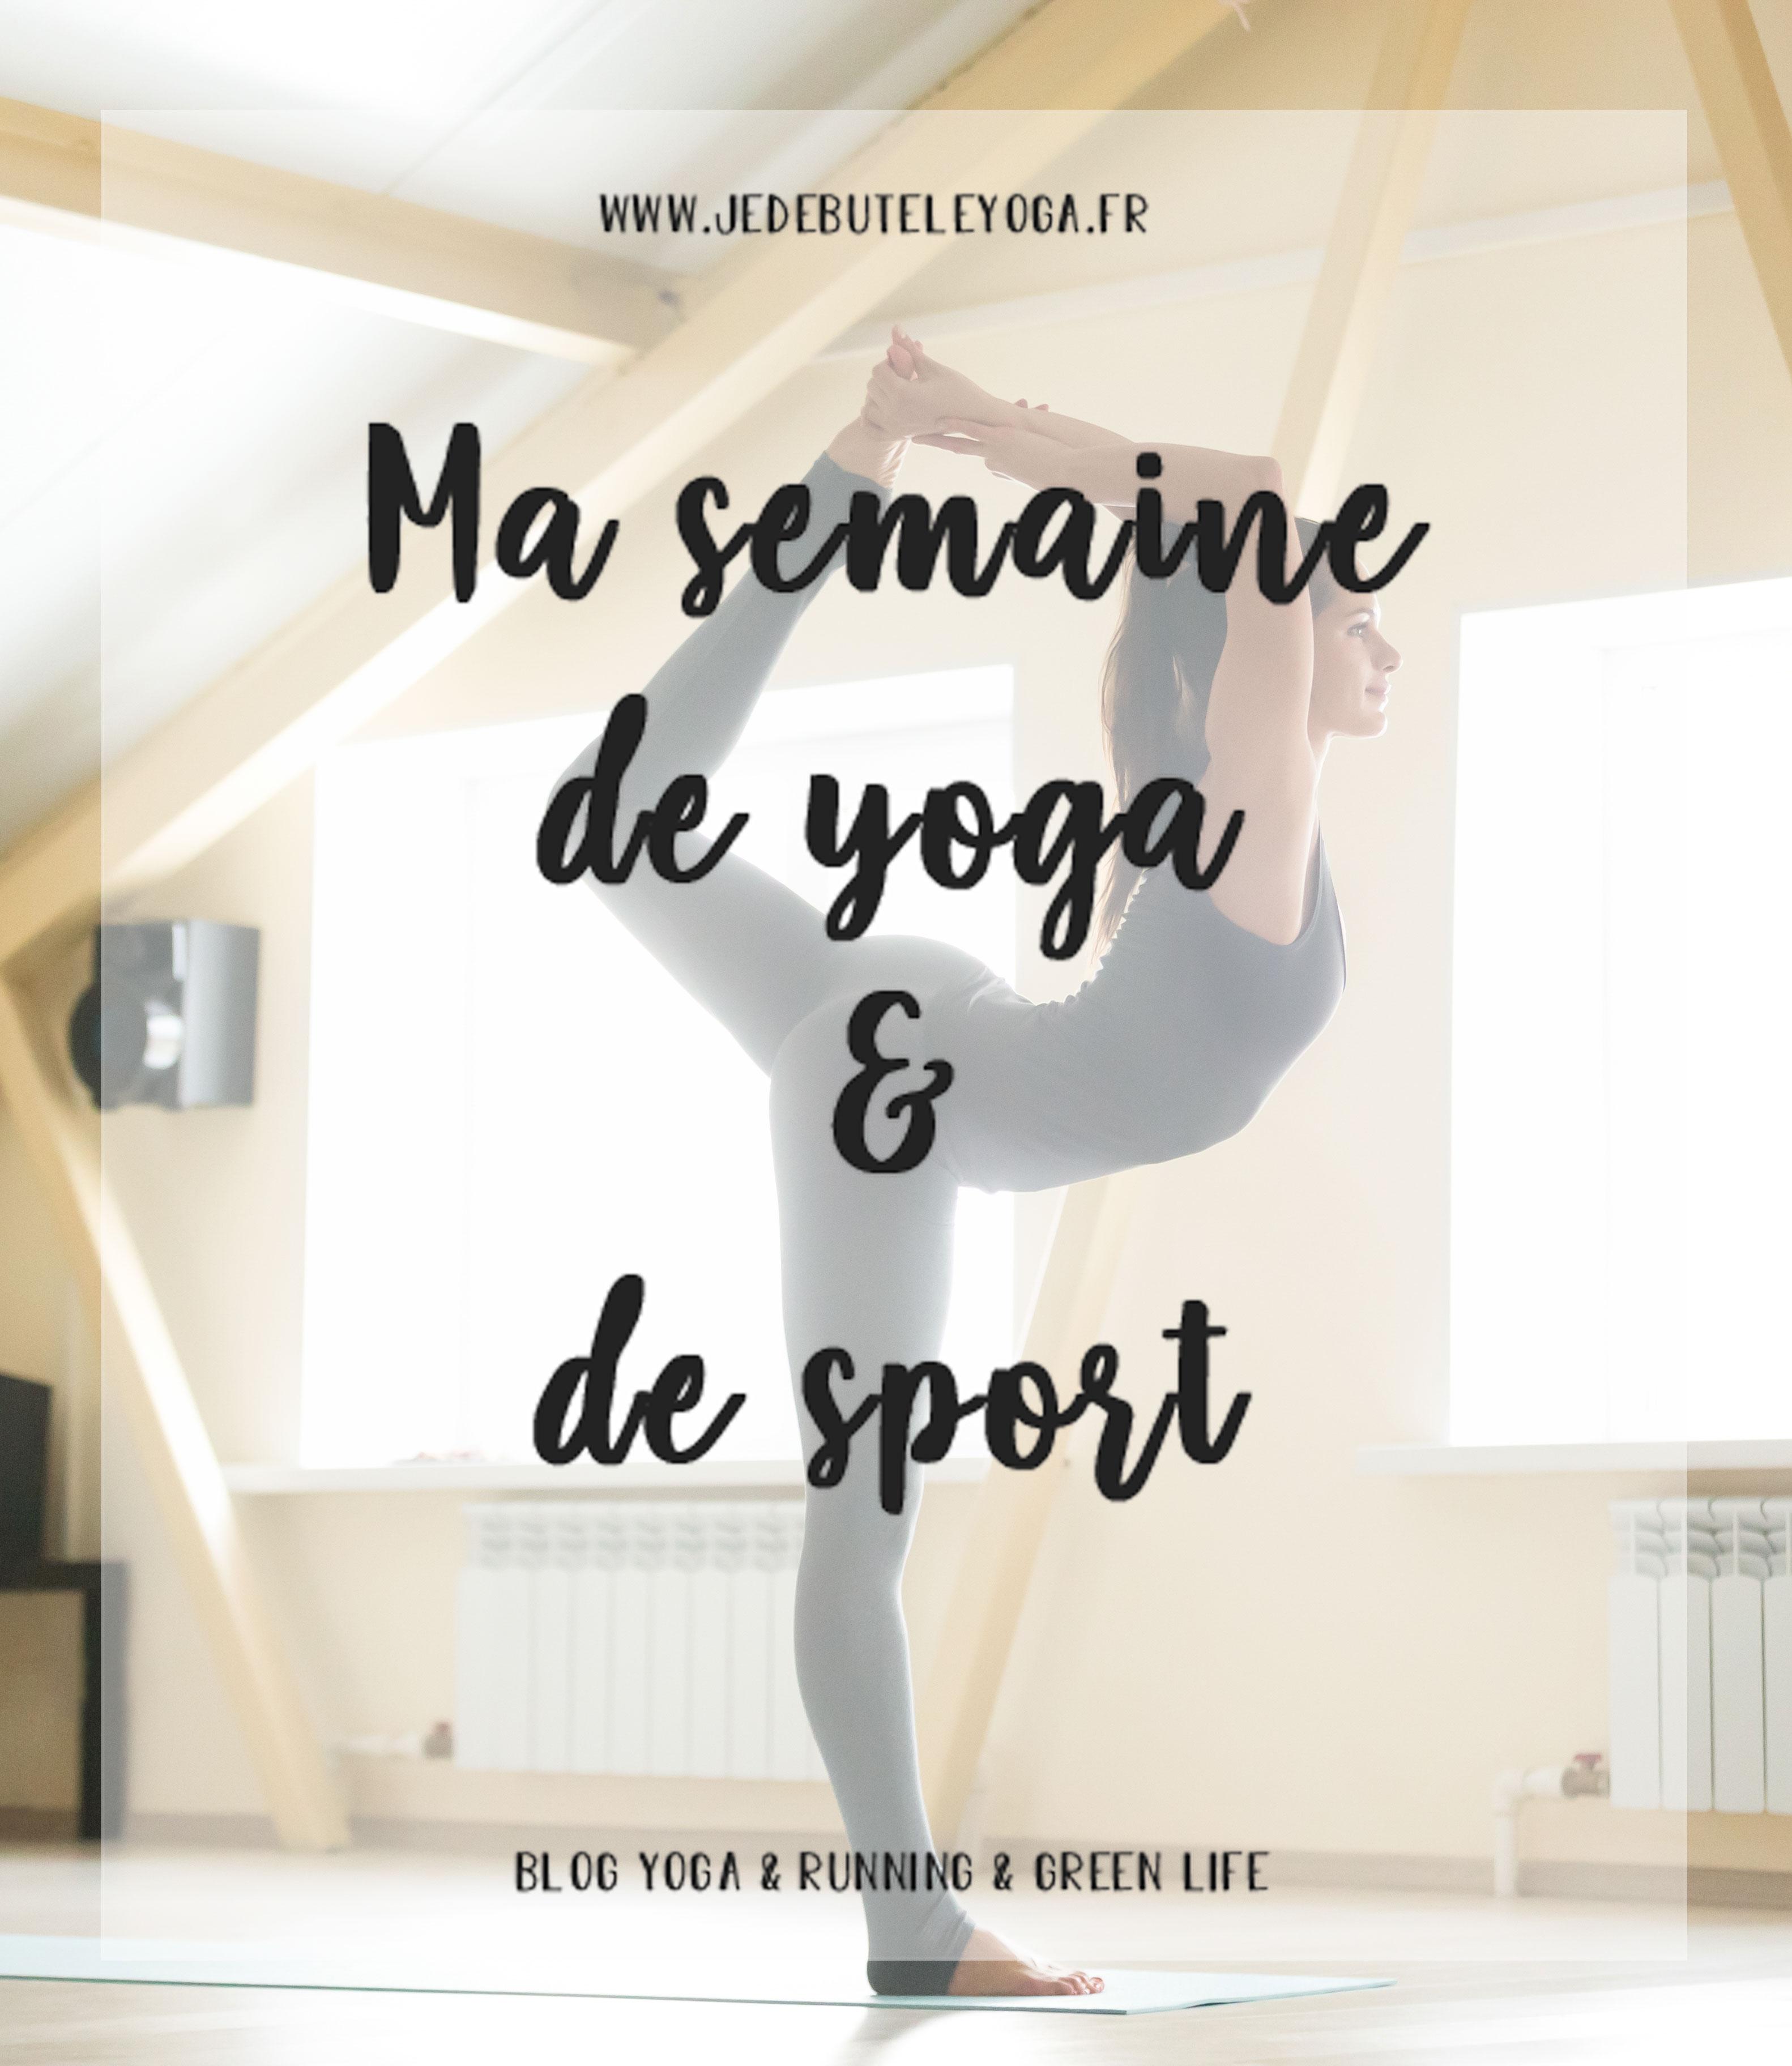 ma semaine de yoga et de sport idéale